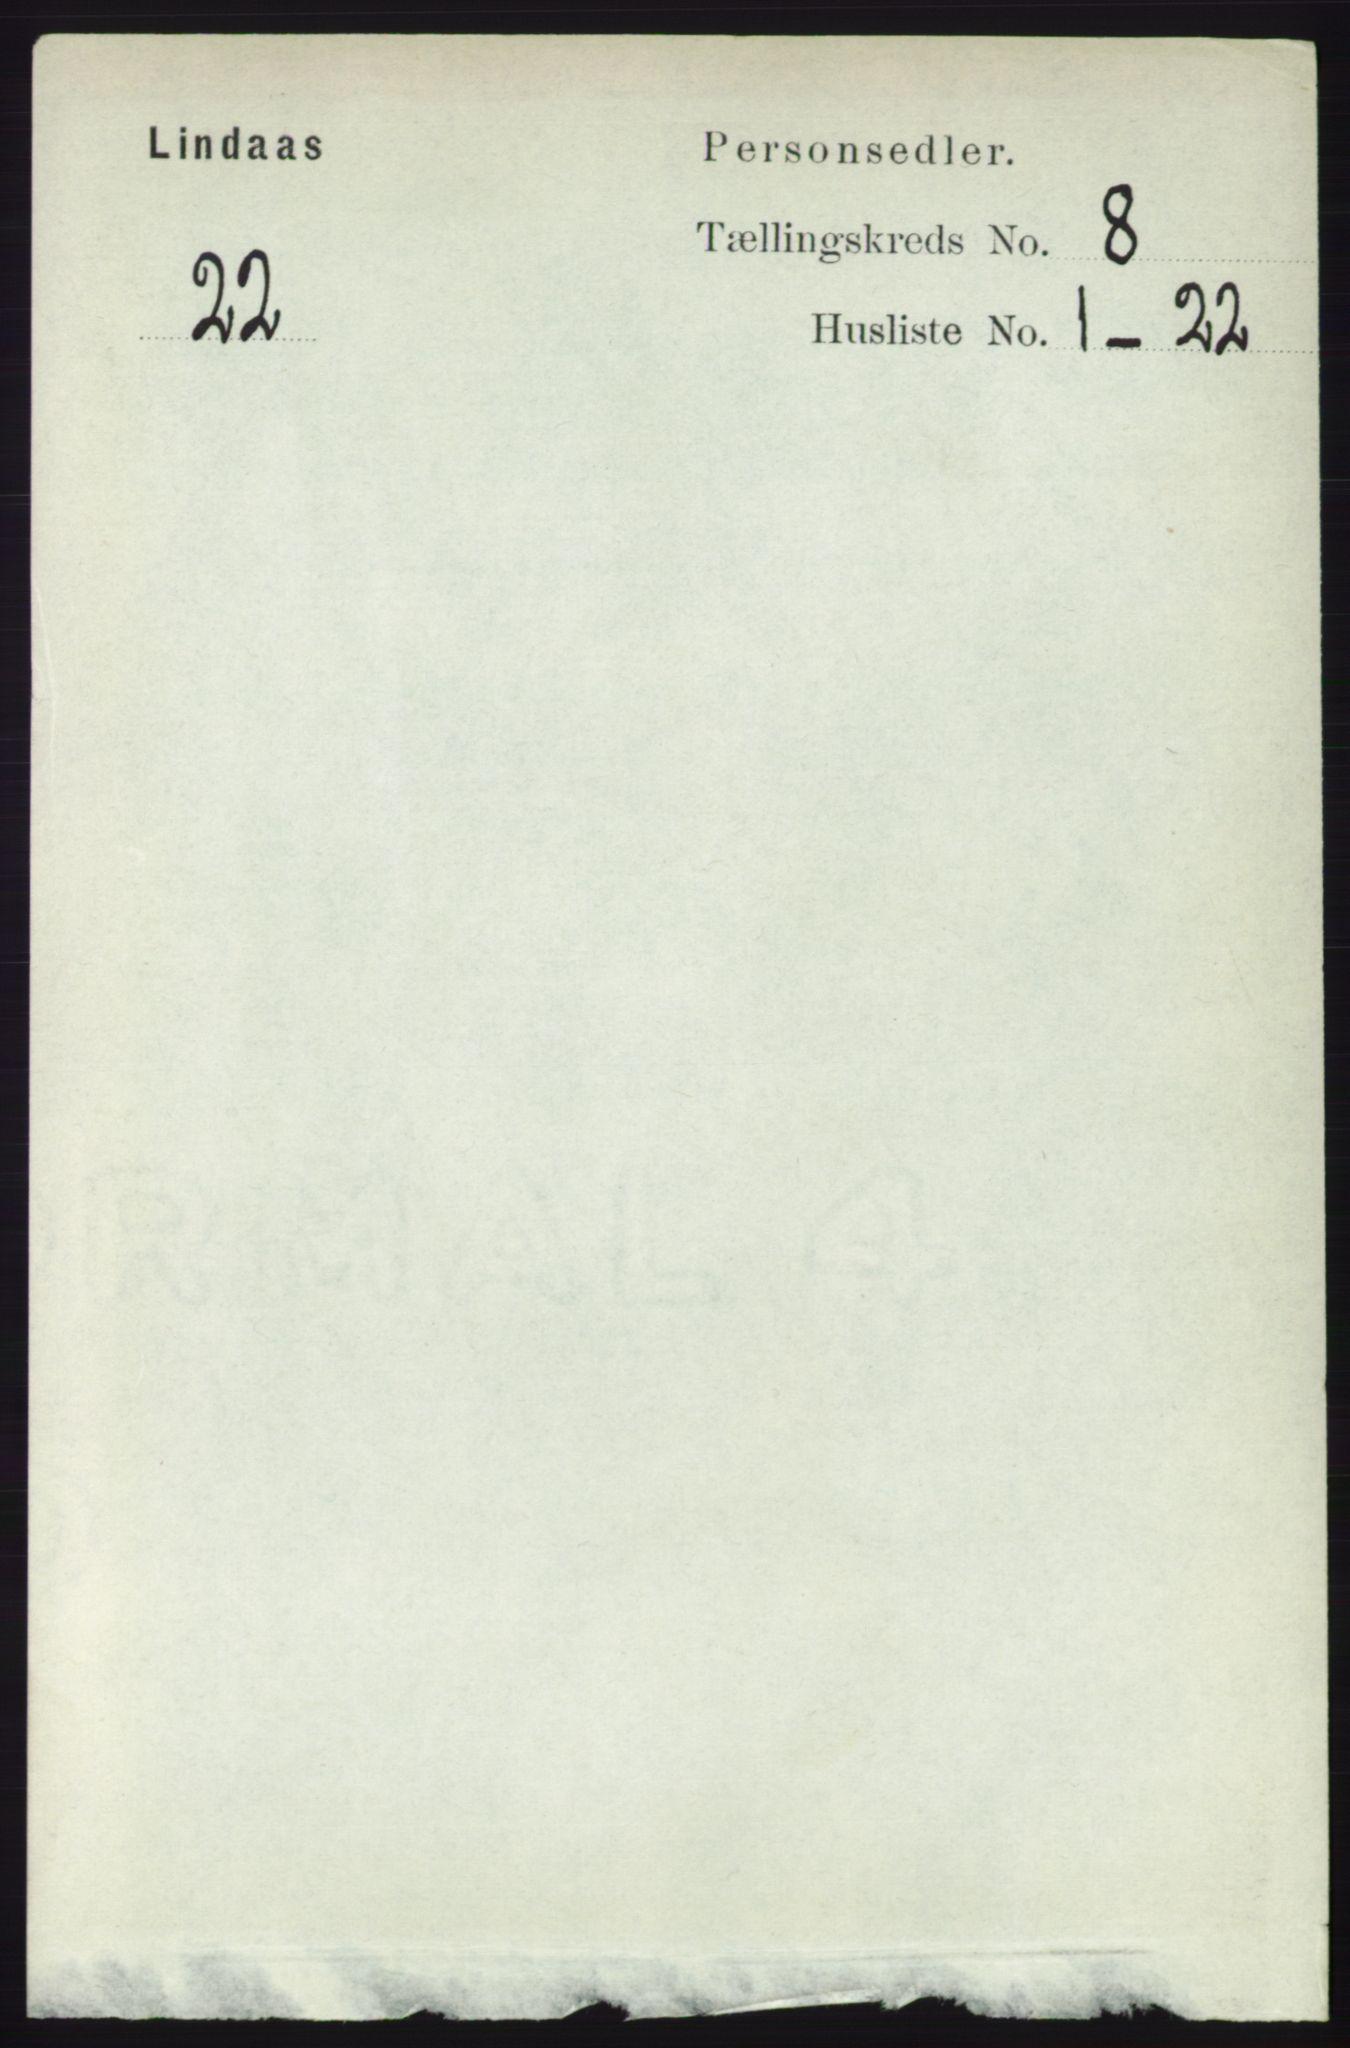 RA, Folketelling 1891 for 1263 Lindås herred, 1891, s. 2421